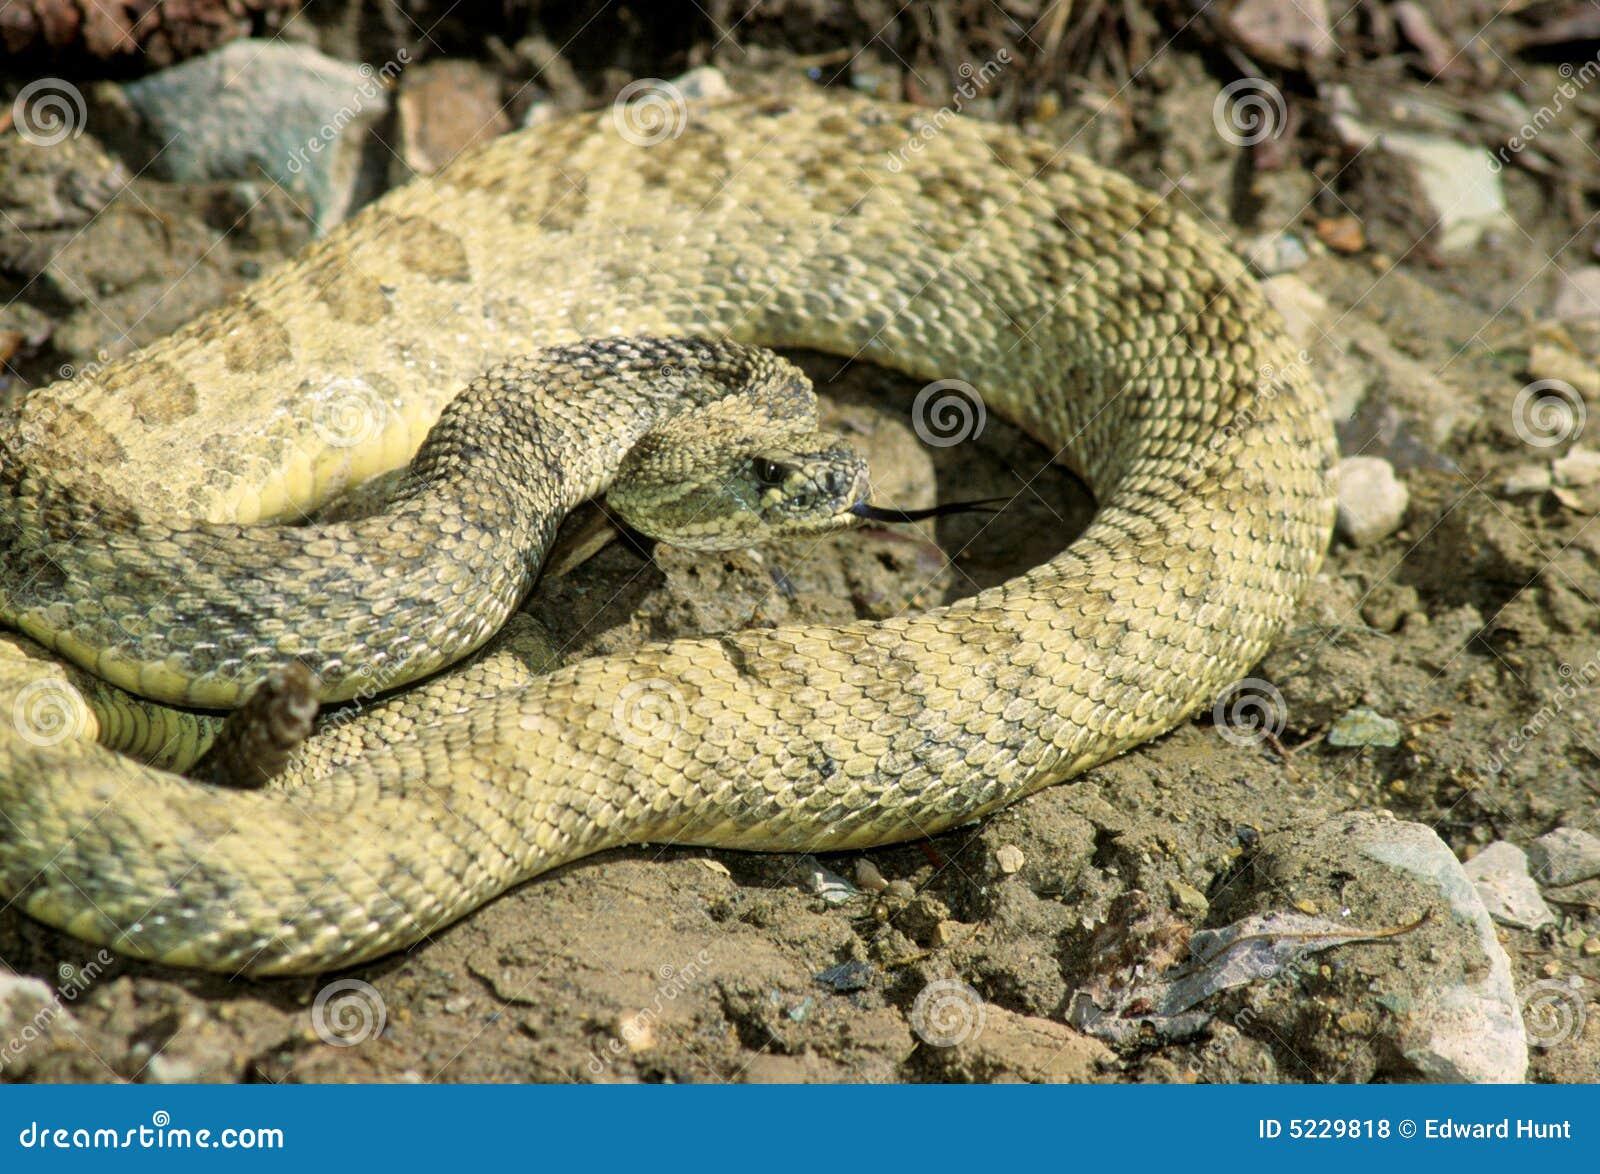 Striking rattlesnake